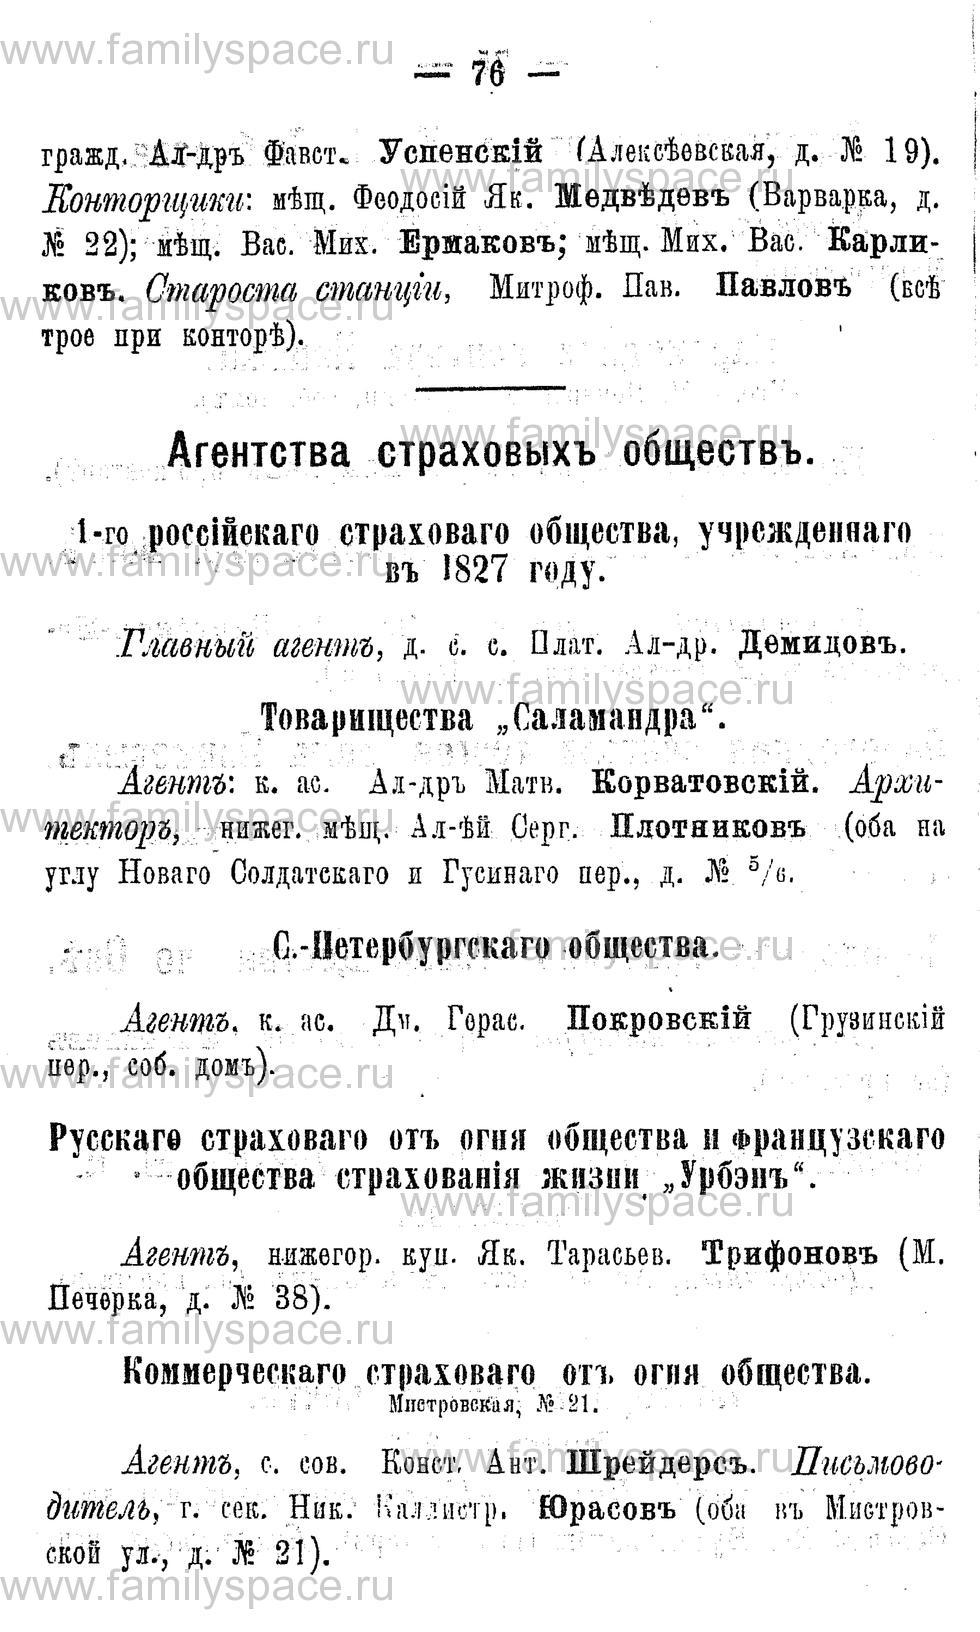 Поиск по фамилии - Адрес-календарь Нижегородской губернии на 1891 год, страница 76